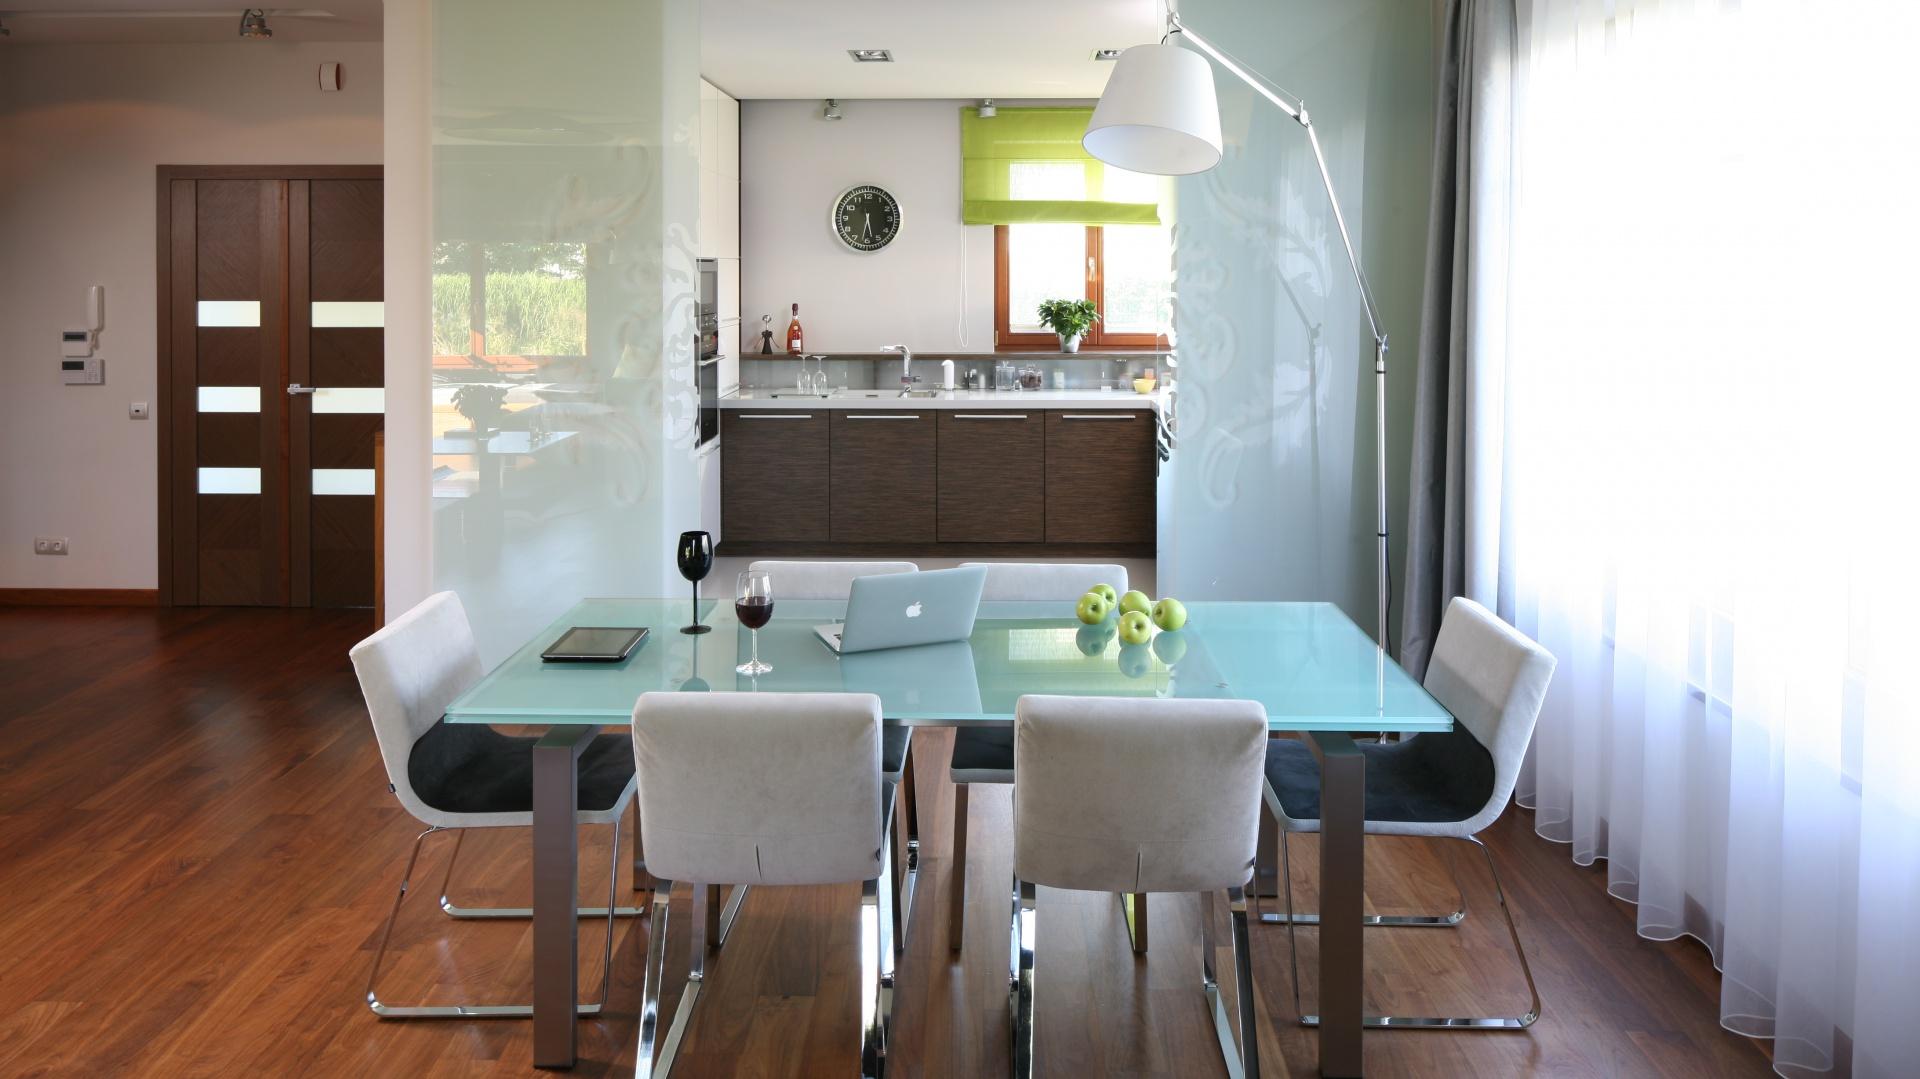 Umiejscowioną w obszernym kubiku kuchnię, dzięki szklanym przesuwnym drzwiom można w każdej chwili całkowicie zamknąć. Projekt Magdalena Konopka, Maciej Konopka. Fot. Bartosz Jarosz.